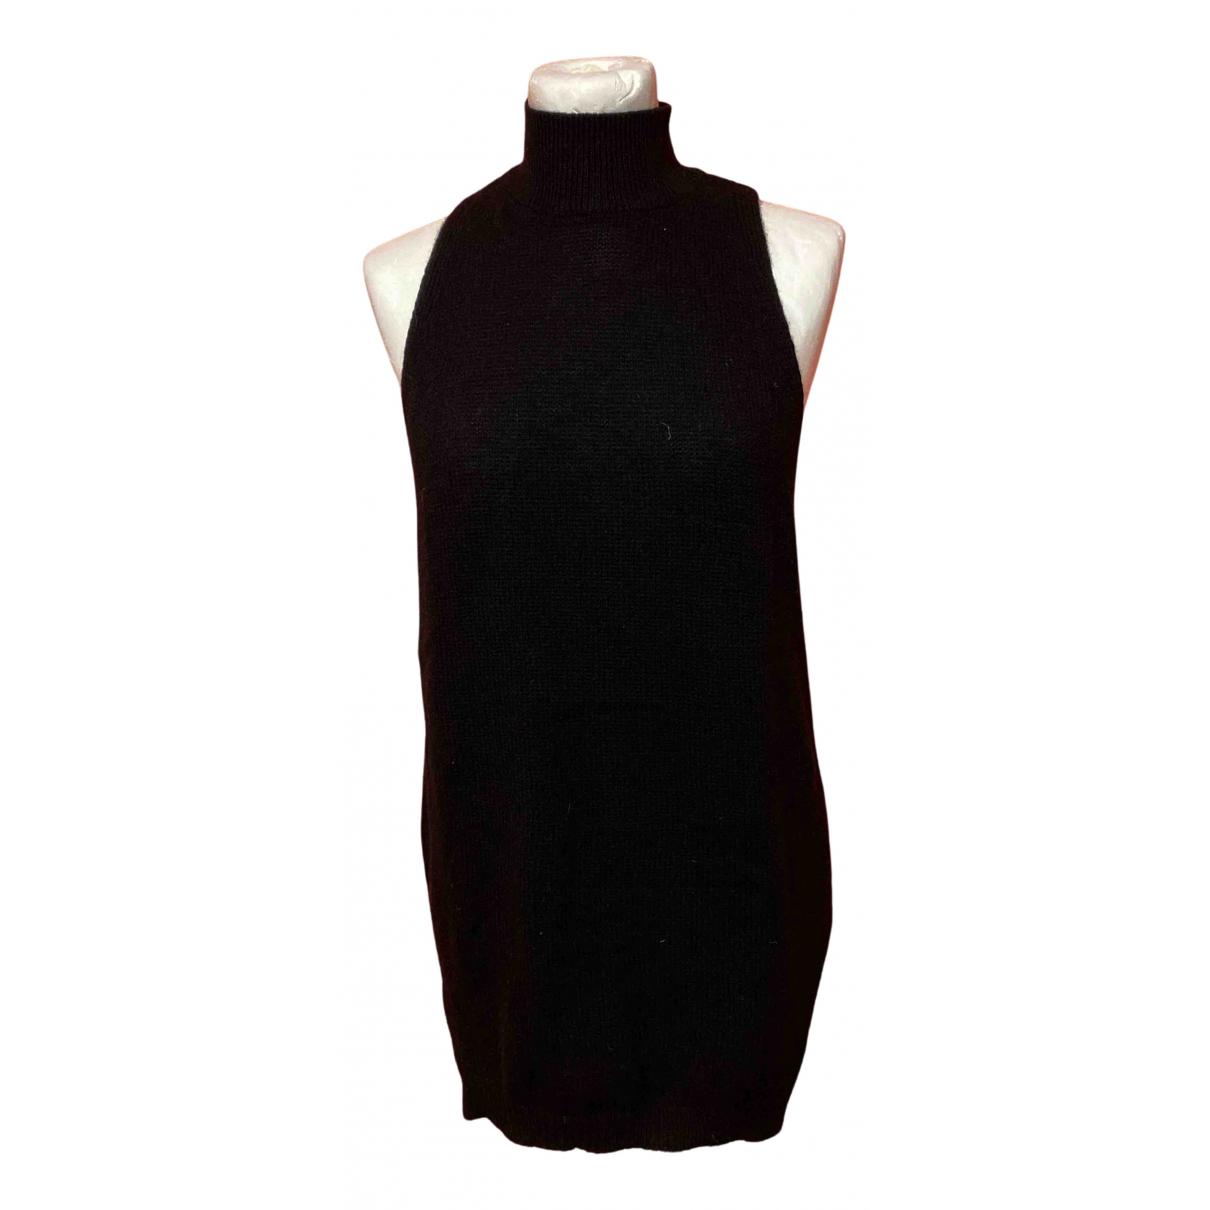 Vestido de Cachemira 360 Cashmere